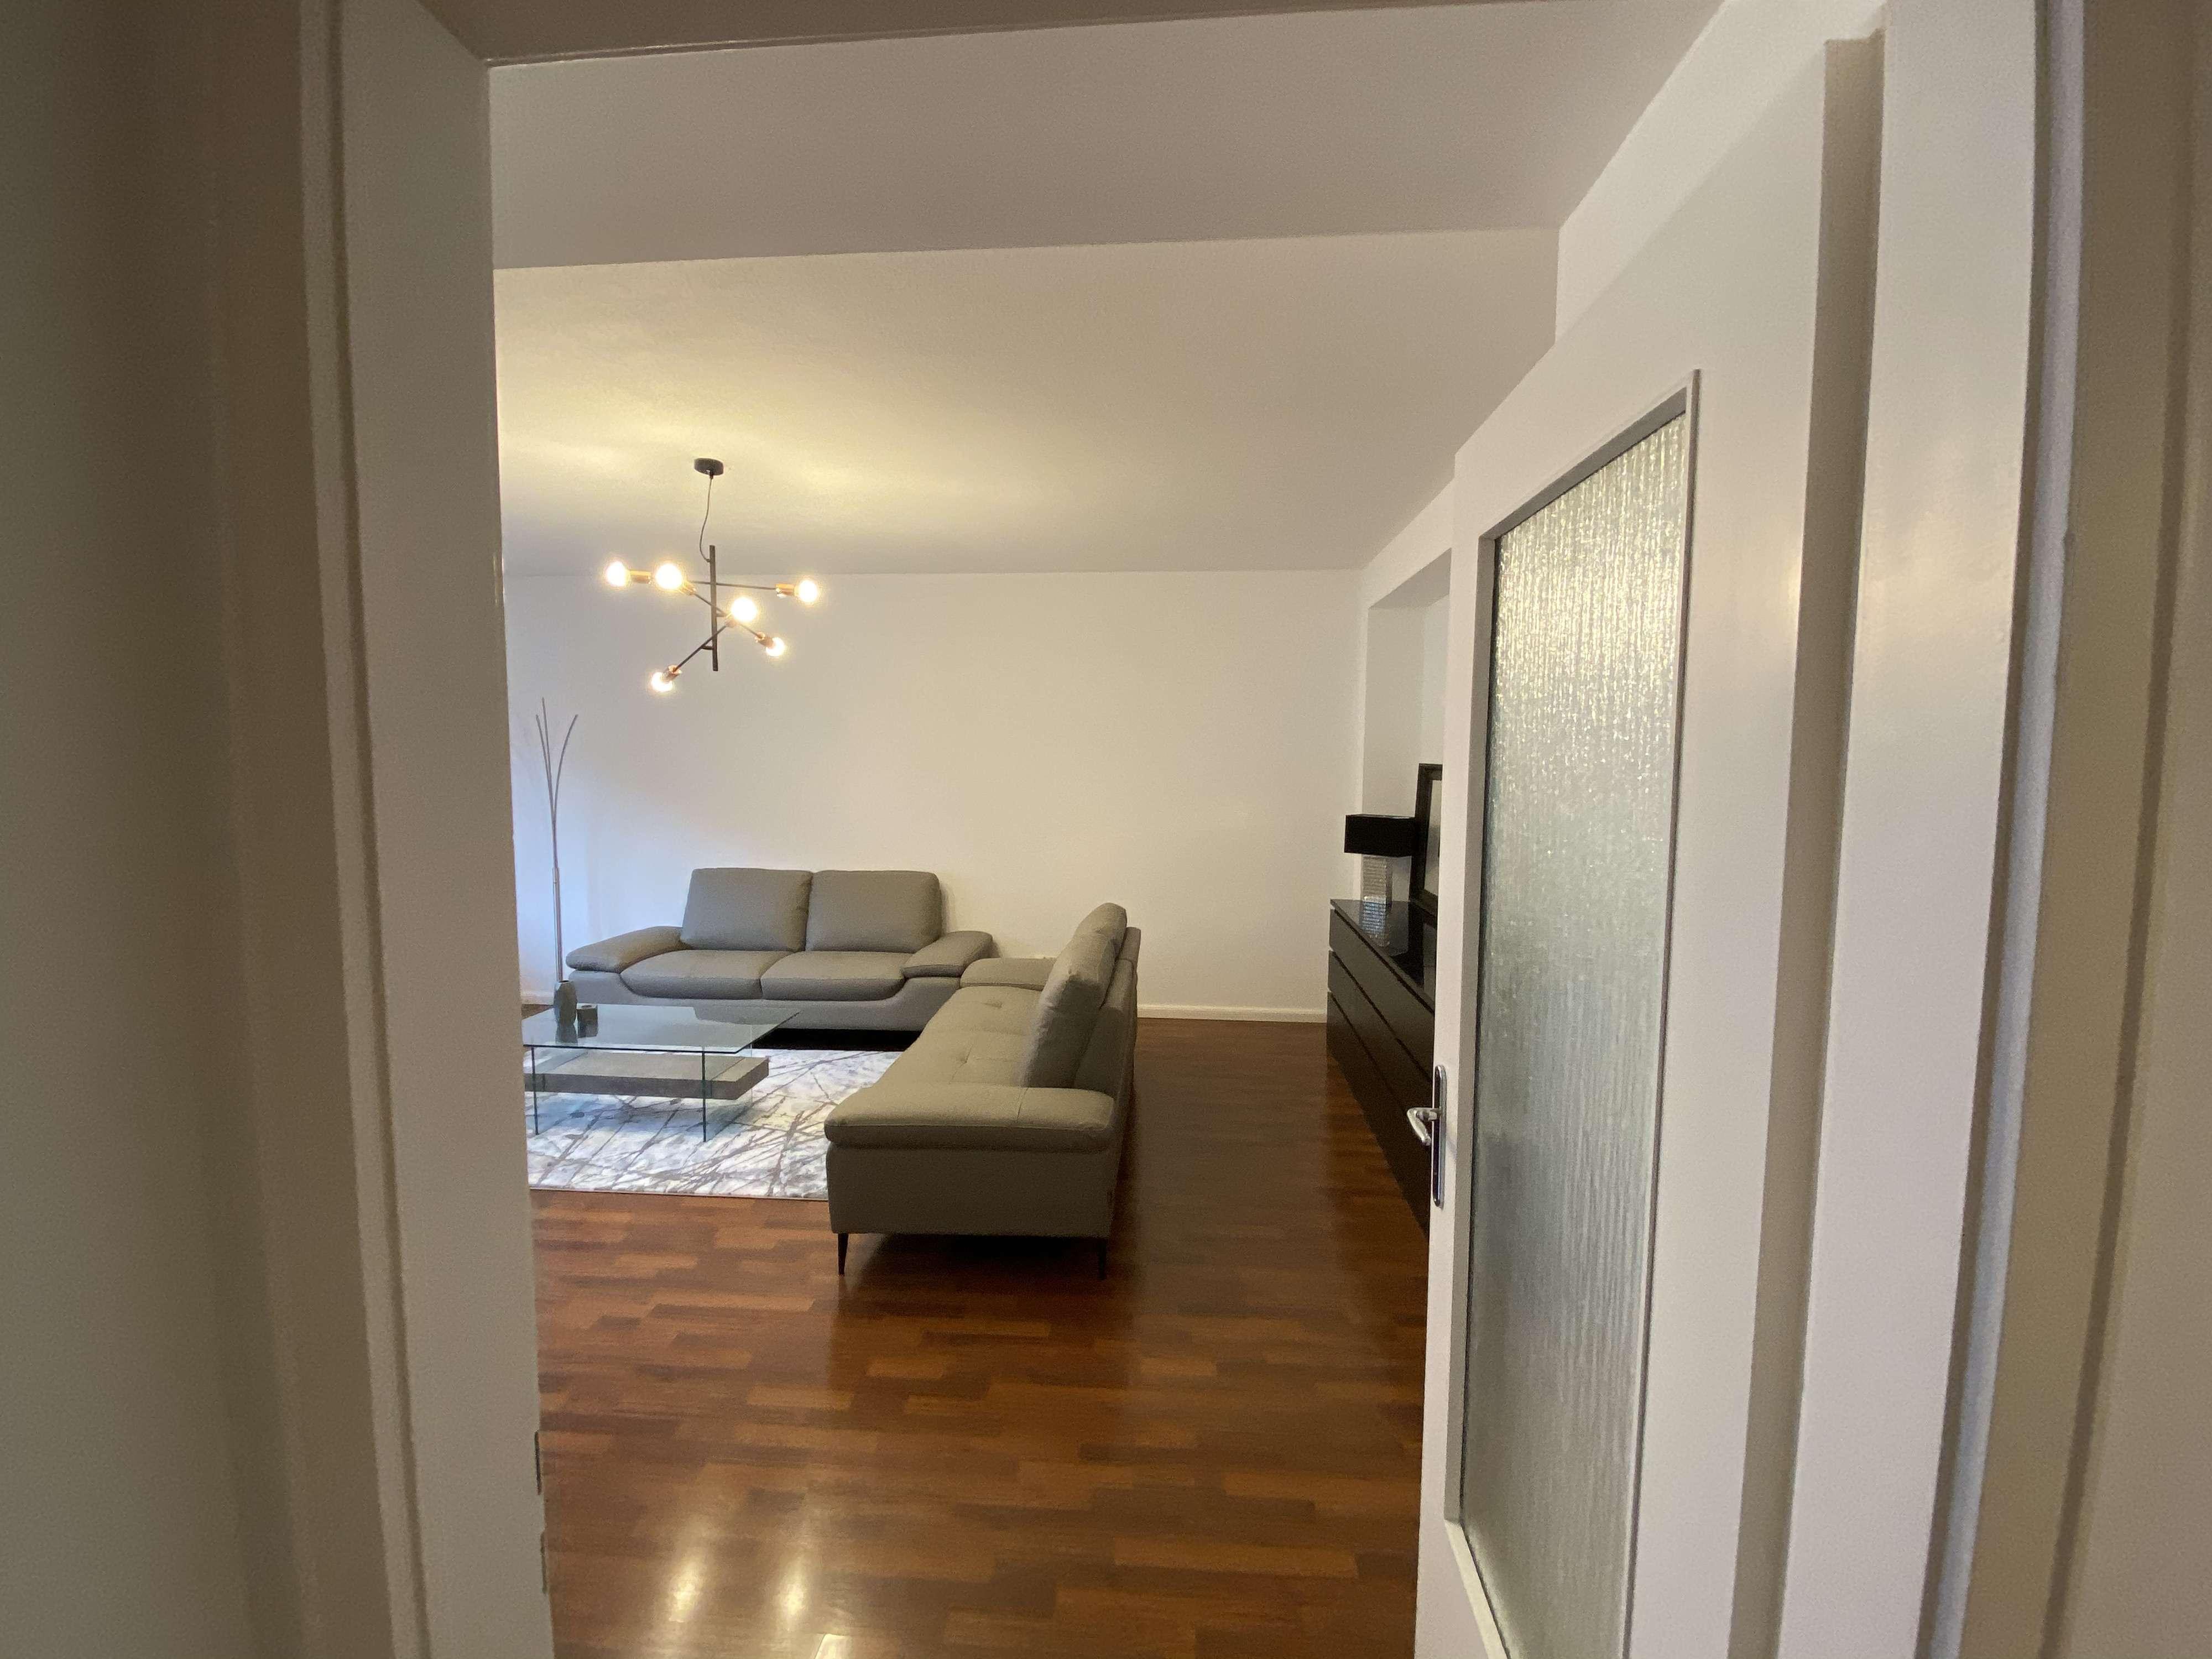 Luxus-2.5.Zim-Apartment-Münchner Freiheit in Schwabing (München)